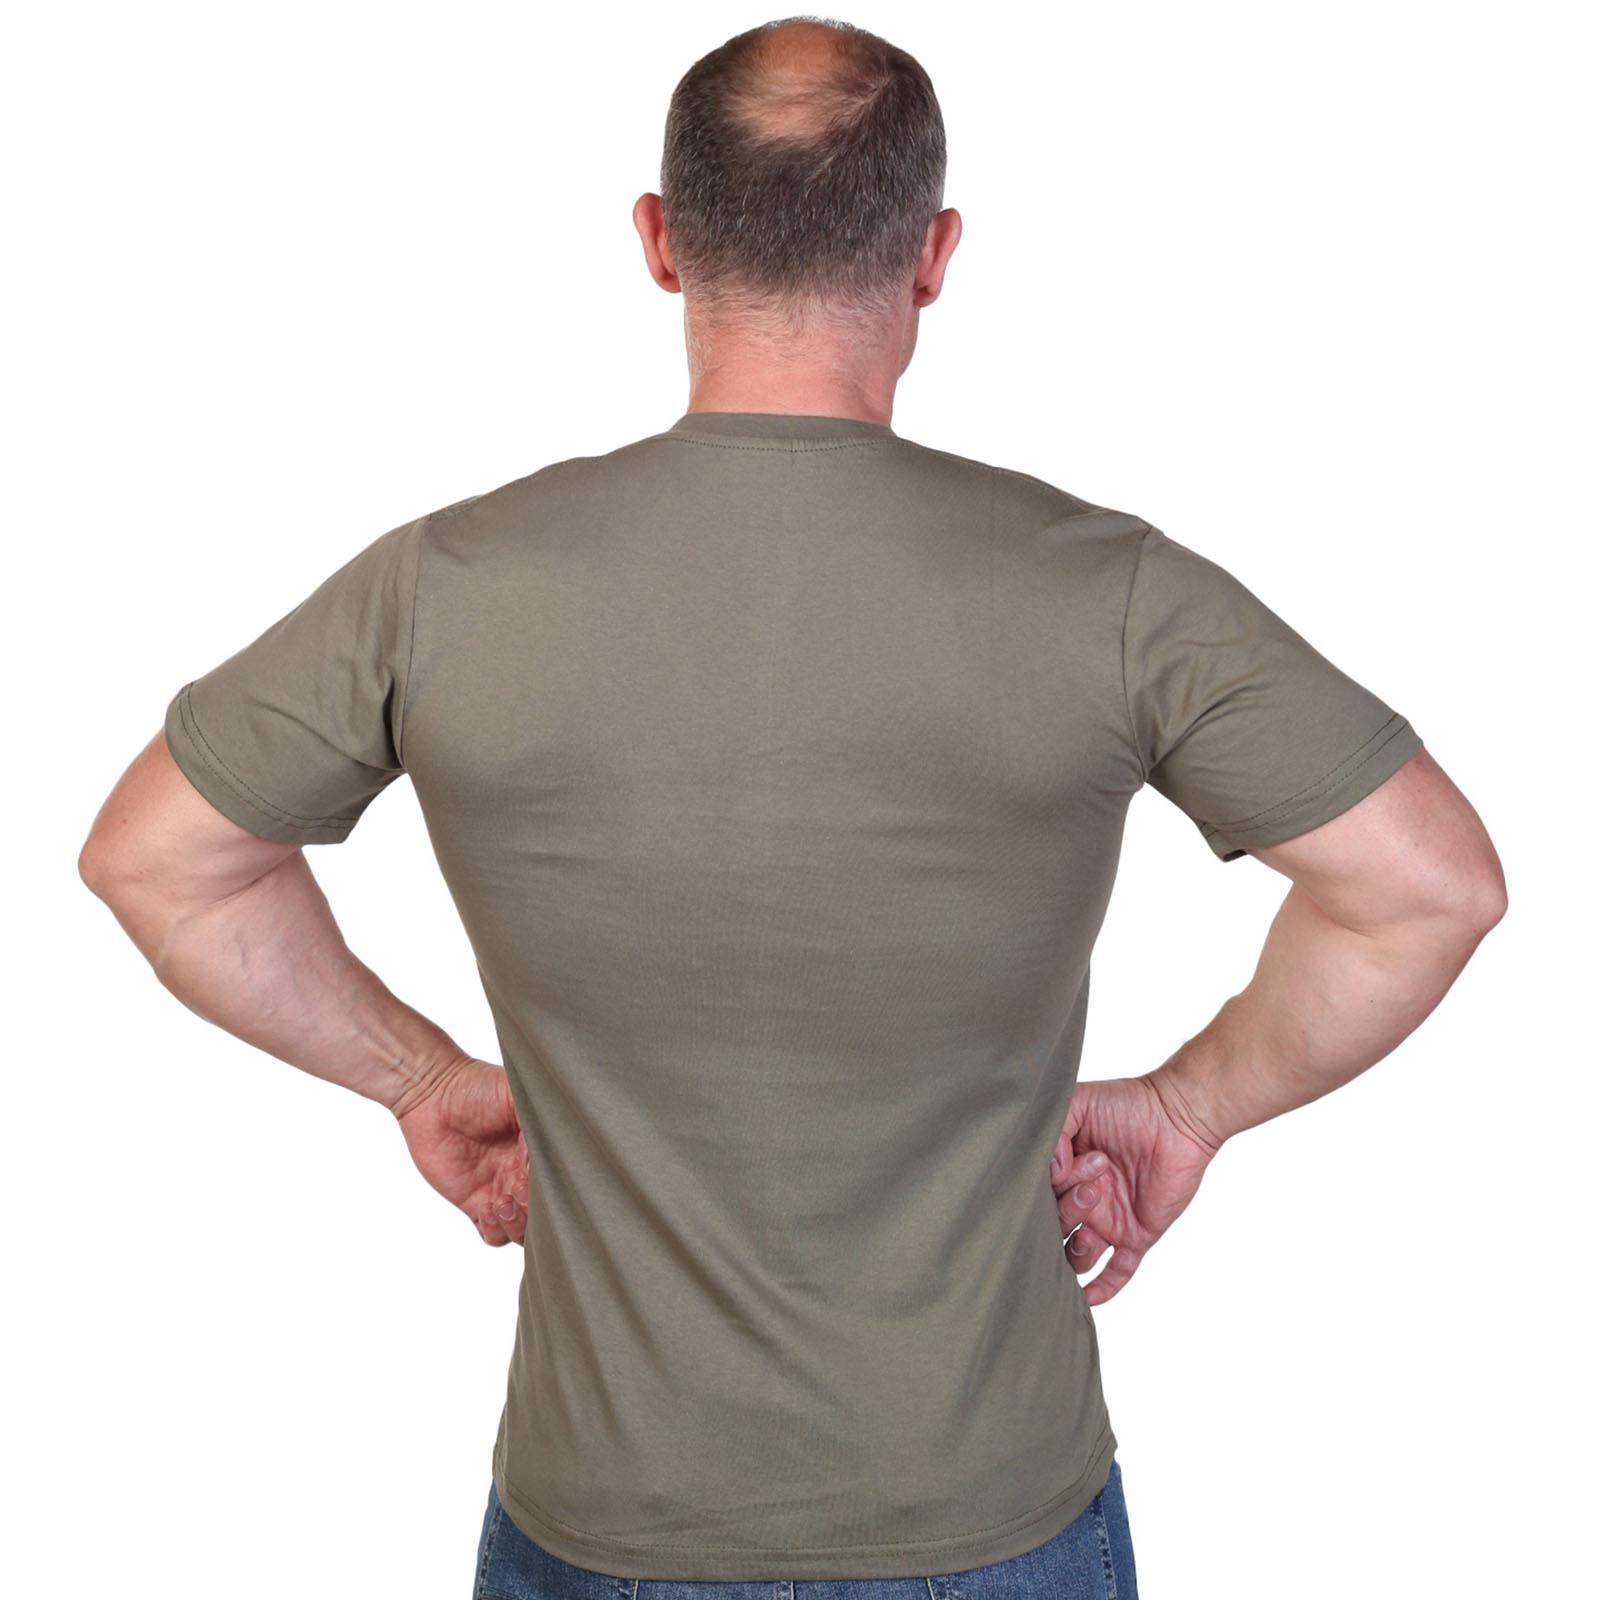 Оливковая футболка с термотрансфером скорпион ВДВ